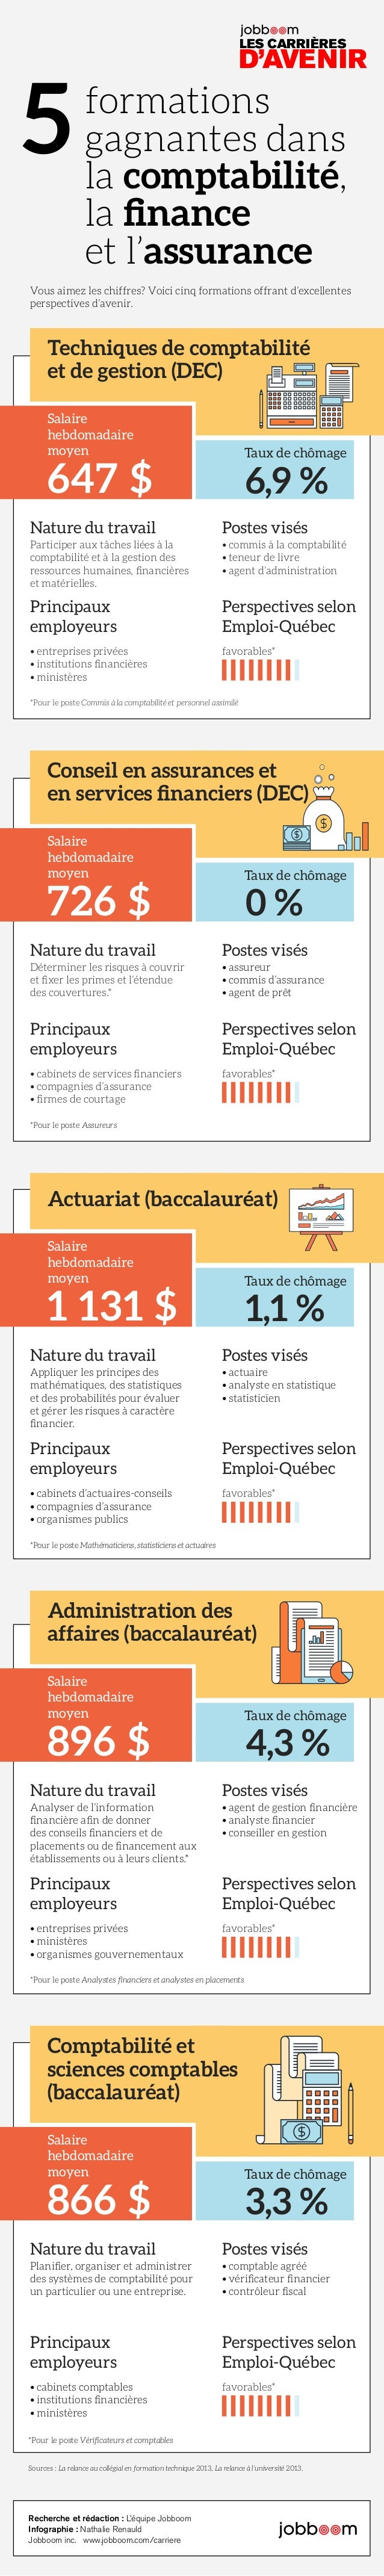 formations gagnantes dans la comptabilité, la finance et l'assurance 5 LES CARRIÈRES D'AVENIR Sources : La relance au coll...